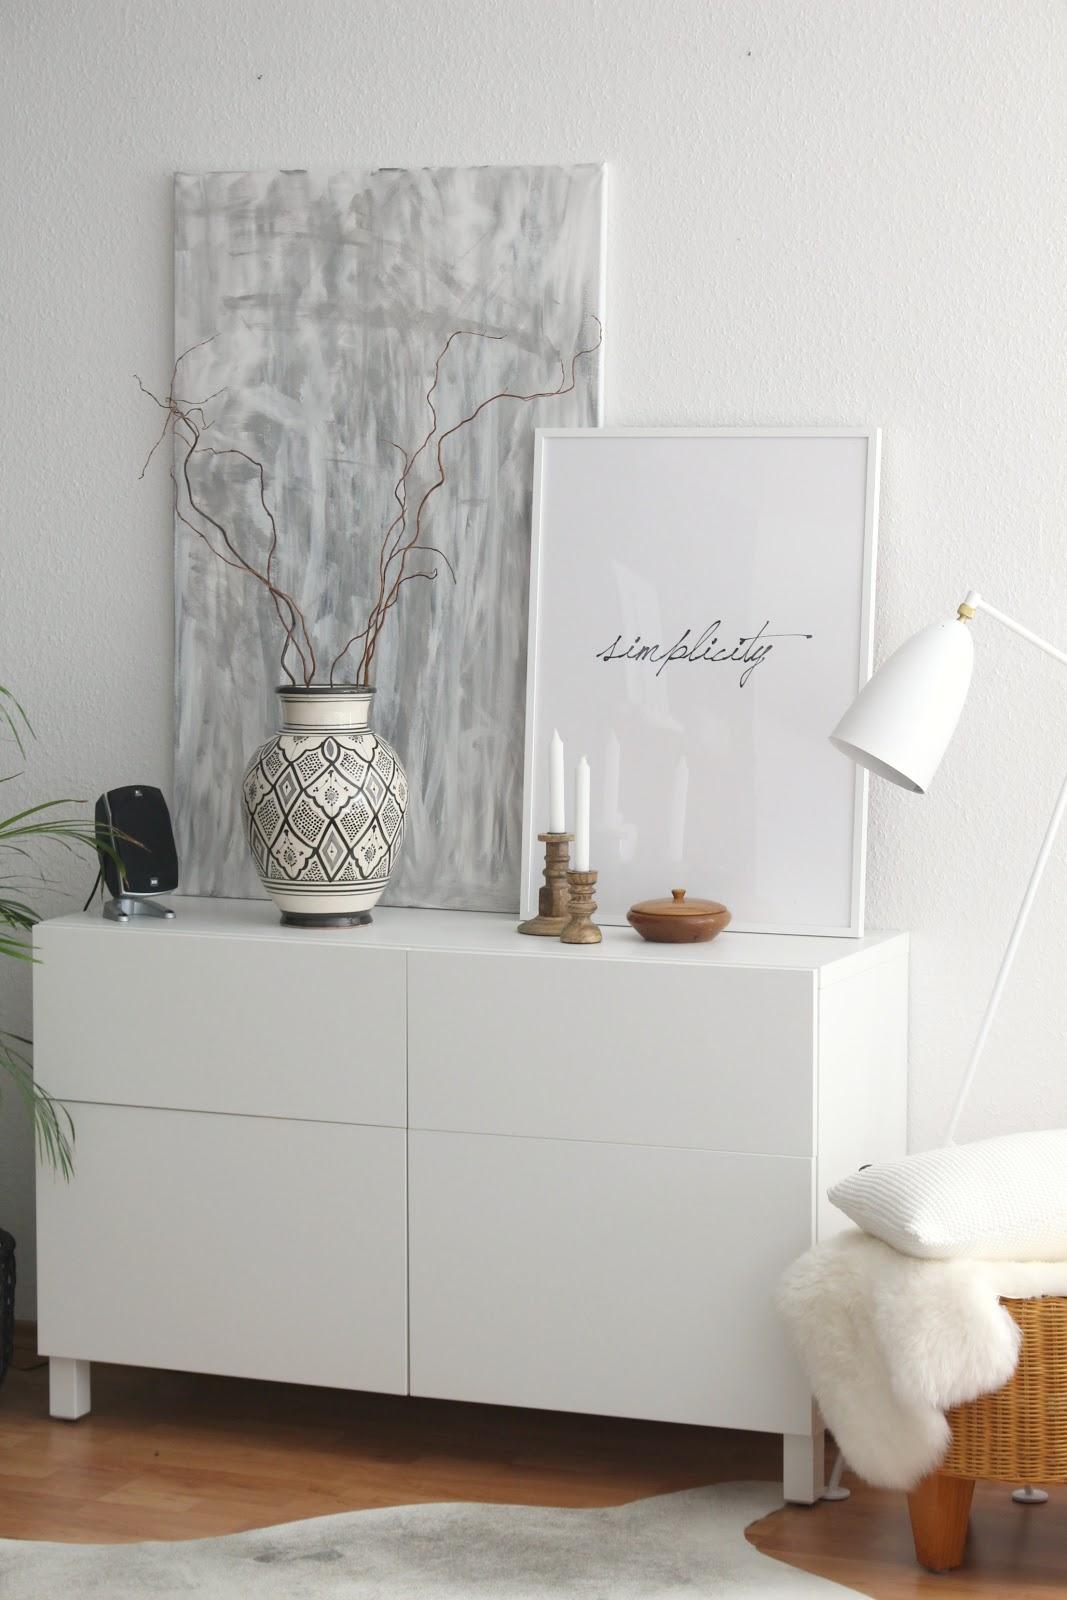 Dekoration bordeauxroter fr hling im wohnzimmer for Dekoration im wohnzimmer